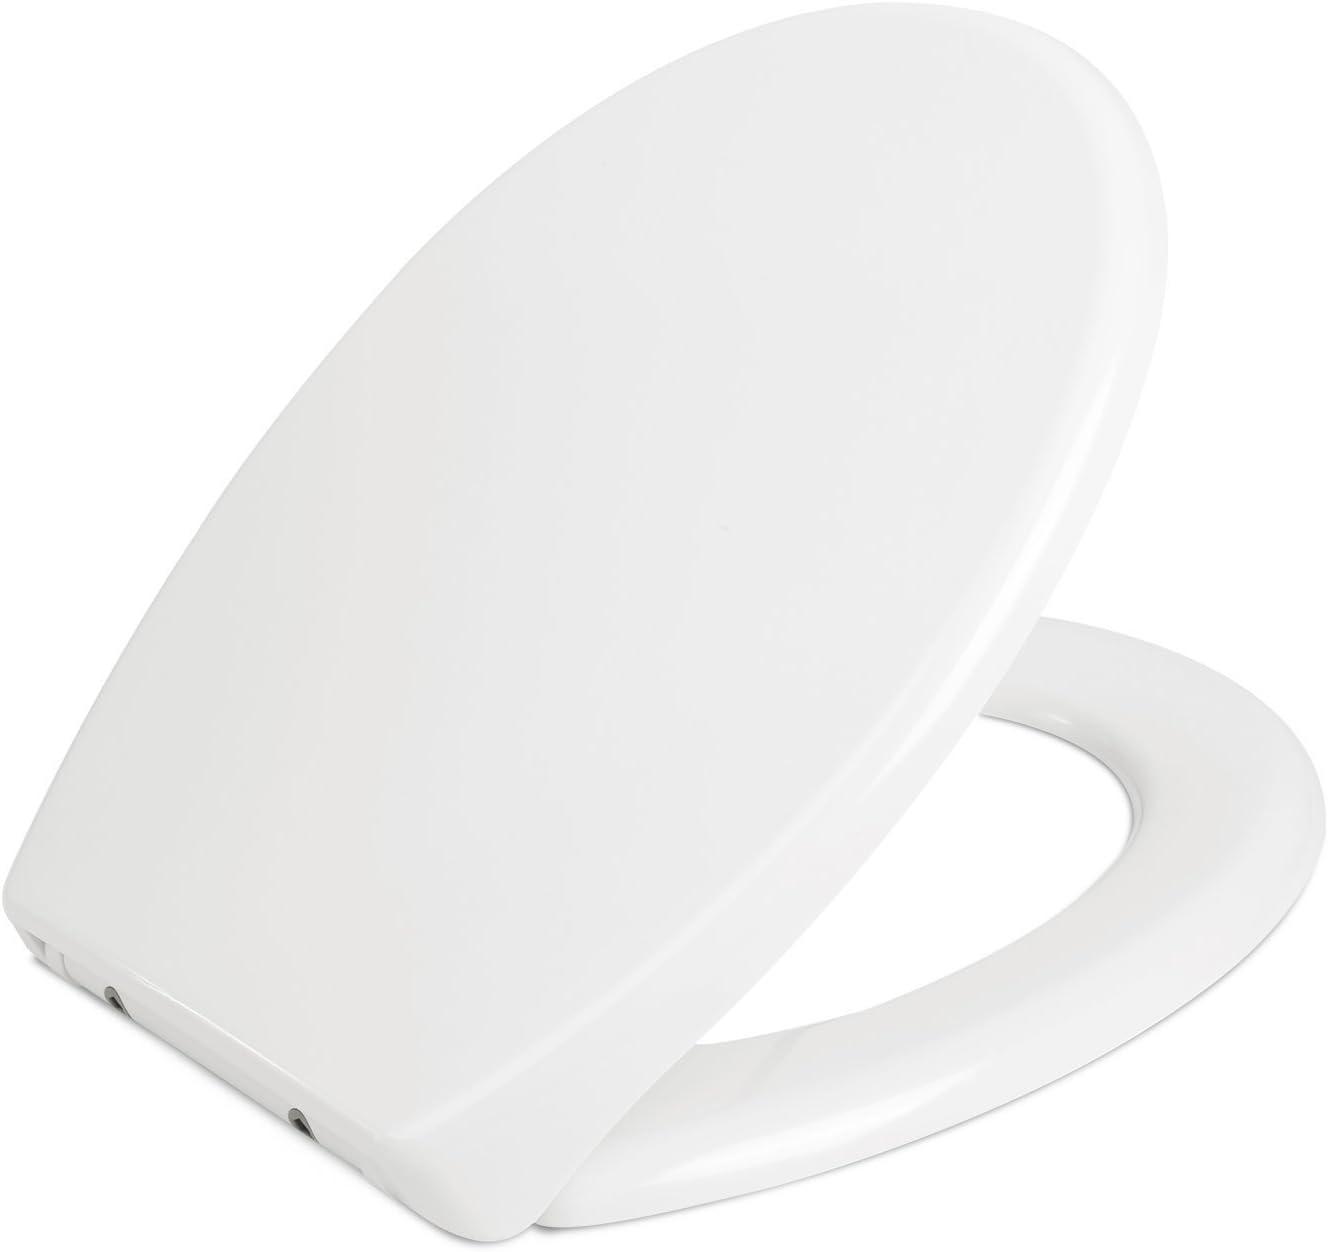 HOMFA Tapa y Asiento WC Universal Cierre Suave y Bajada Lenta de Plástico Duro Tapa de Inodoro con Freno Fácil para Instalación y Desmontaje en Forma de O de Color Blanco 44.5x36.8x5.3cm